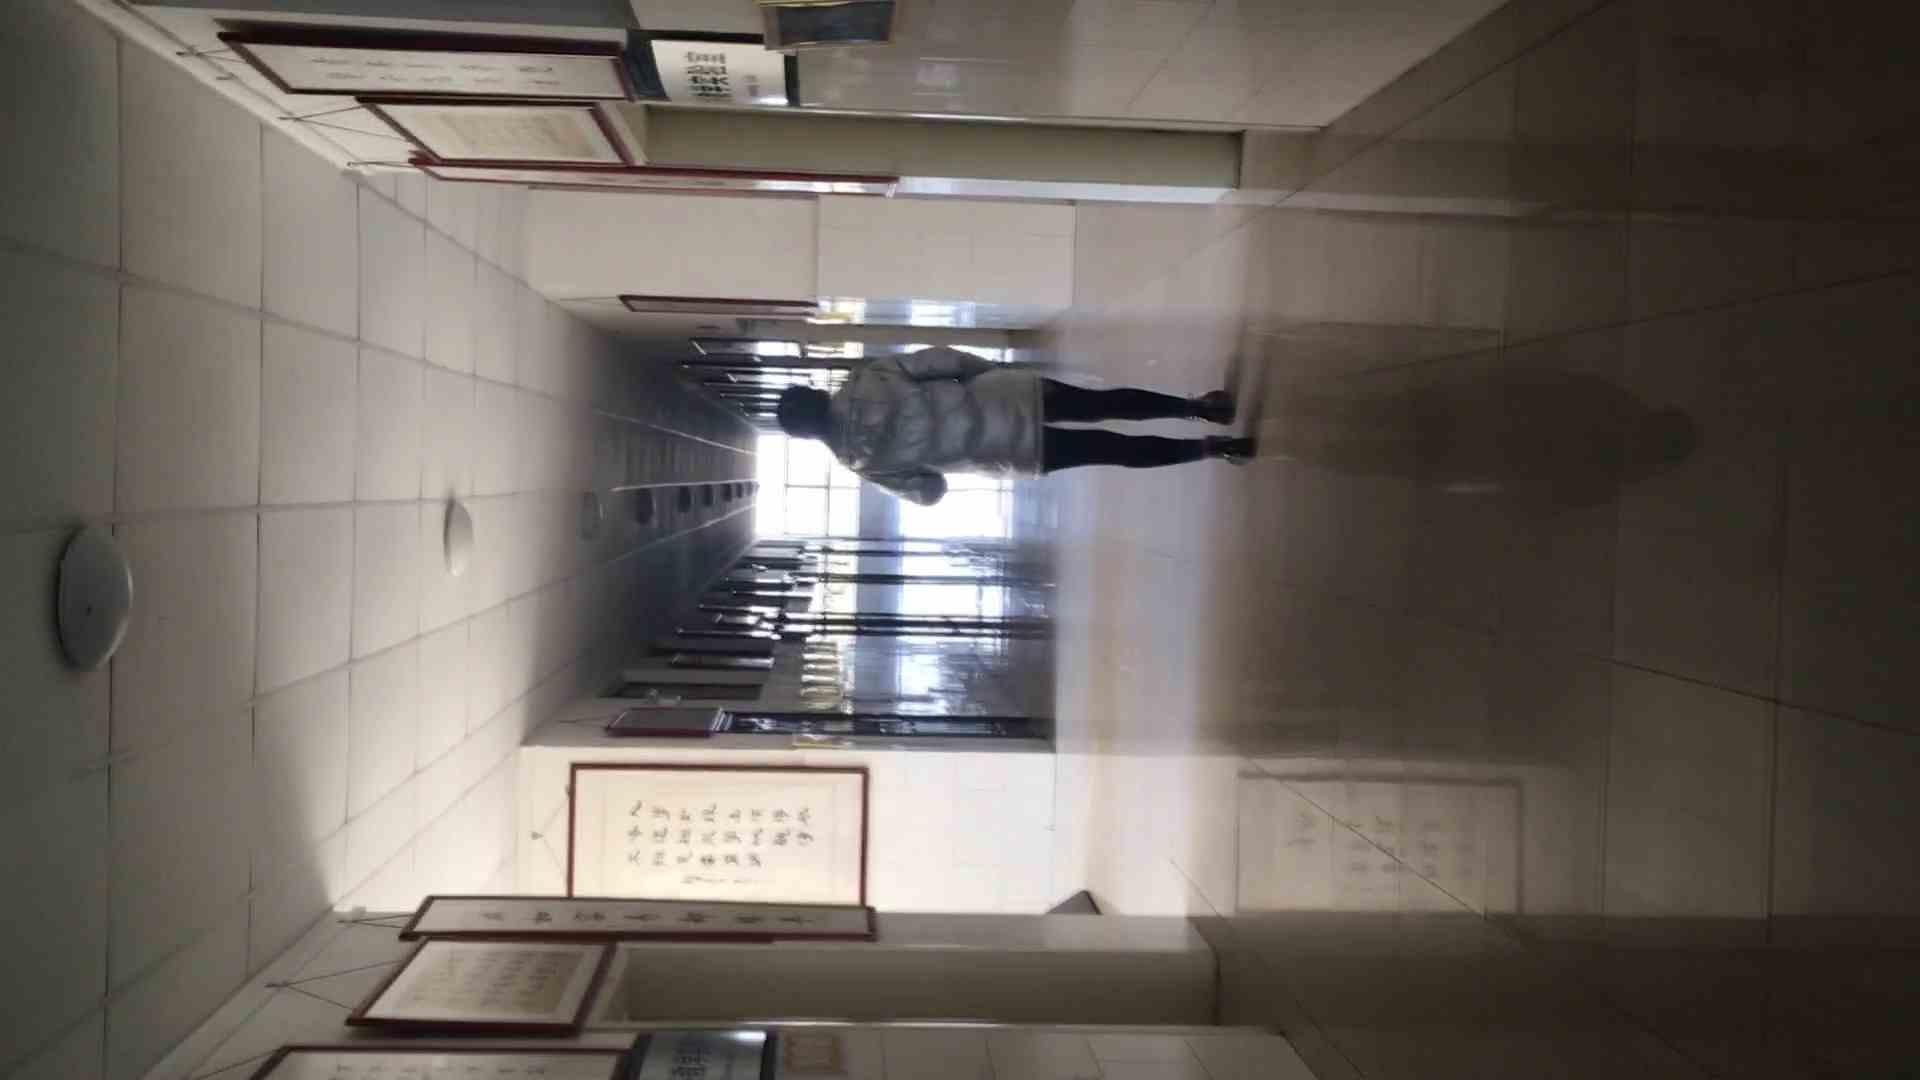 芸術大学ガチ潜入盗撮 JD盗撮 美女の洗面所の秘密 Vol.82 ギャル攻め おめこ無修正画像 73画像 14